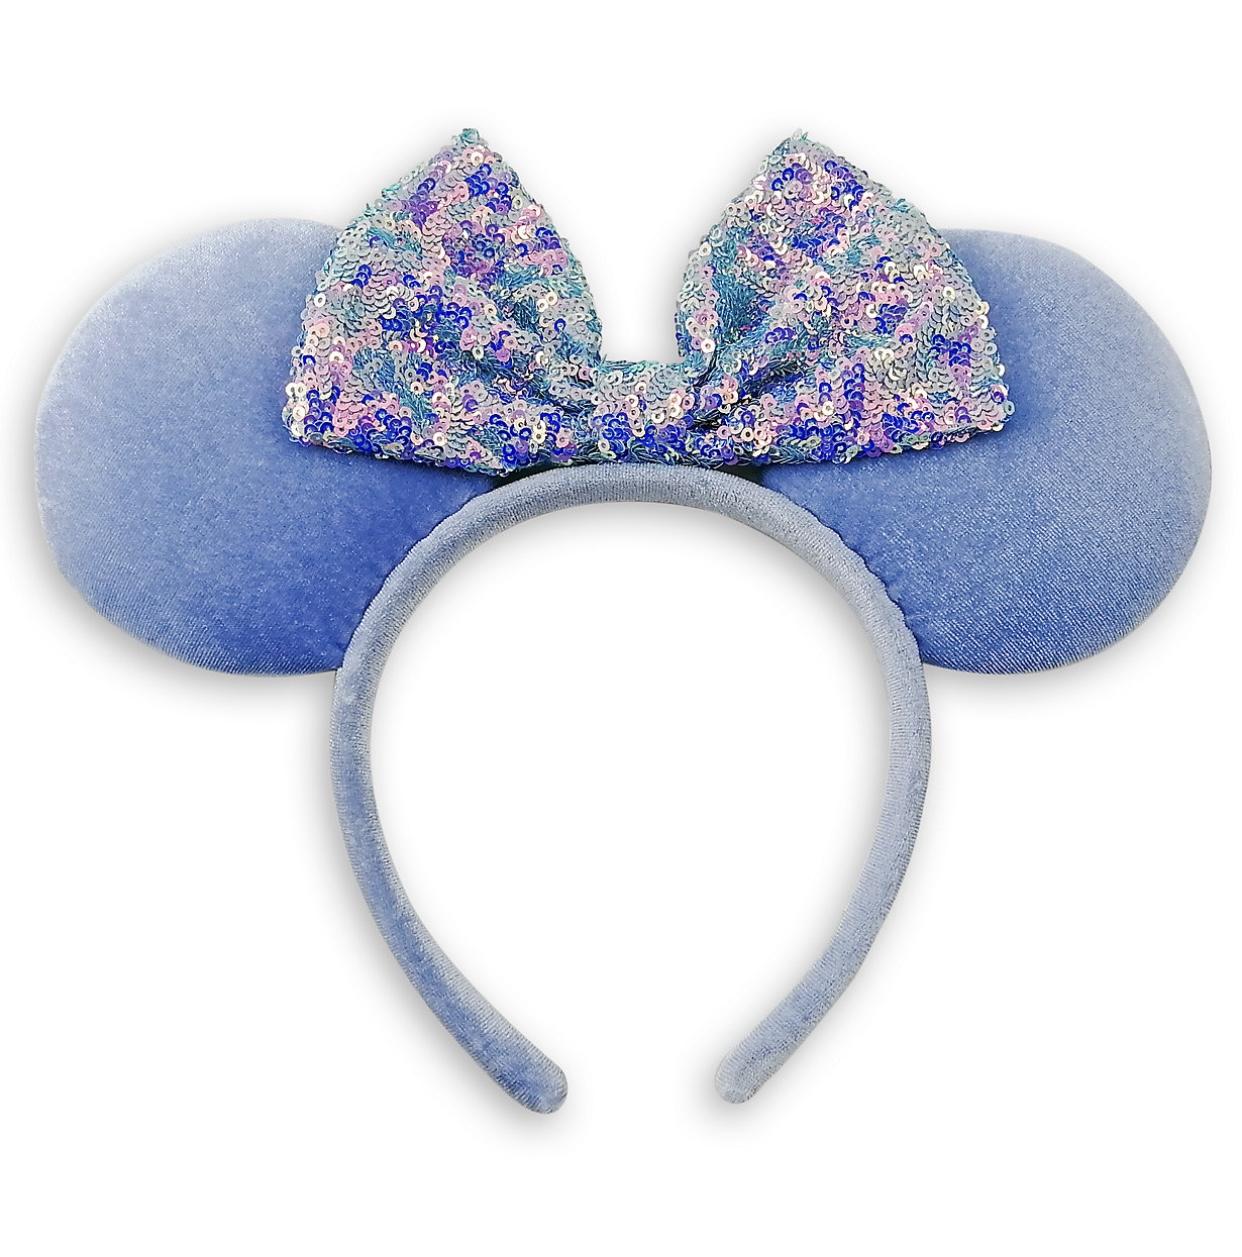 New Minnie Ear Headbands At Walt Disney World!